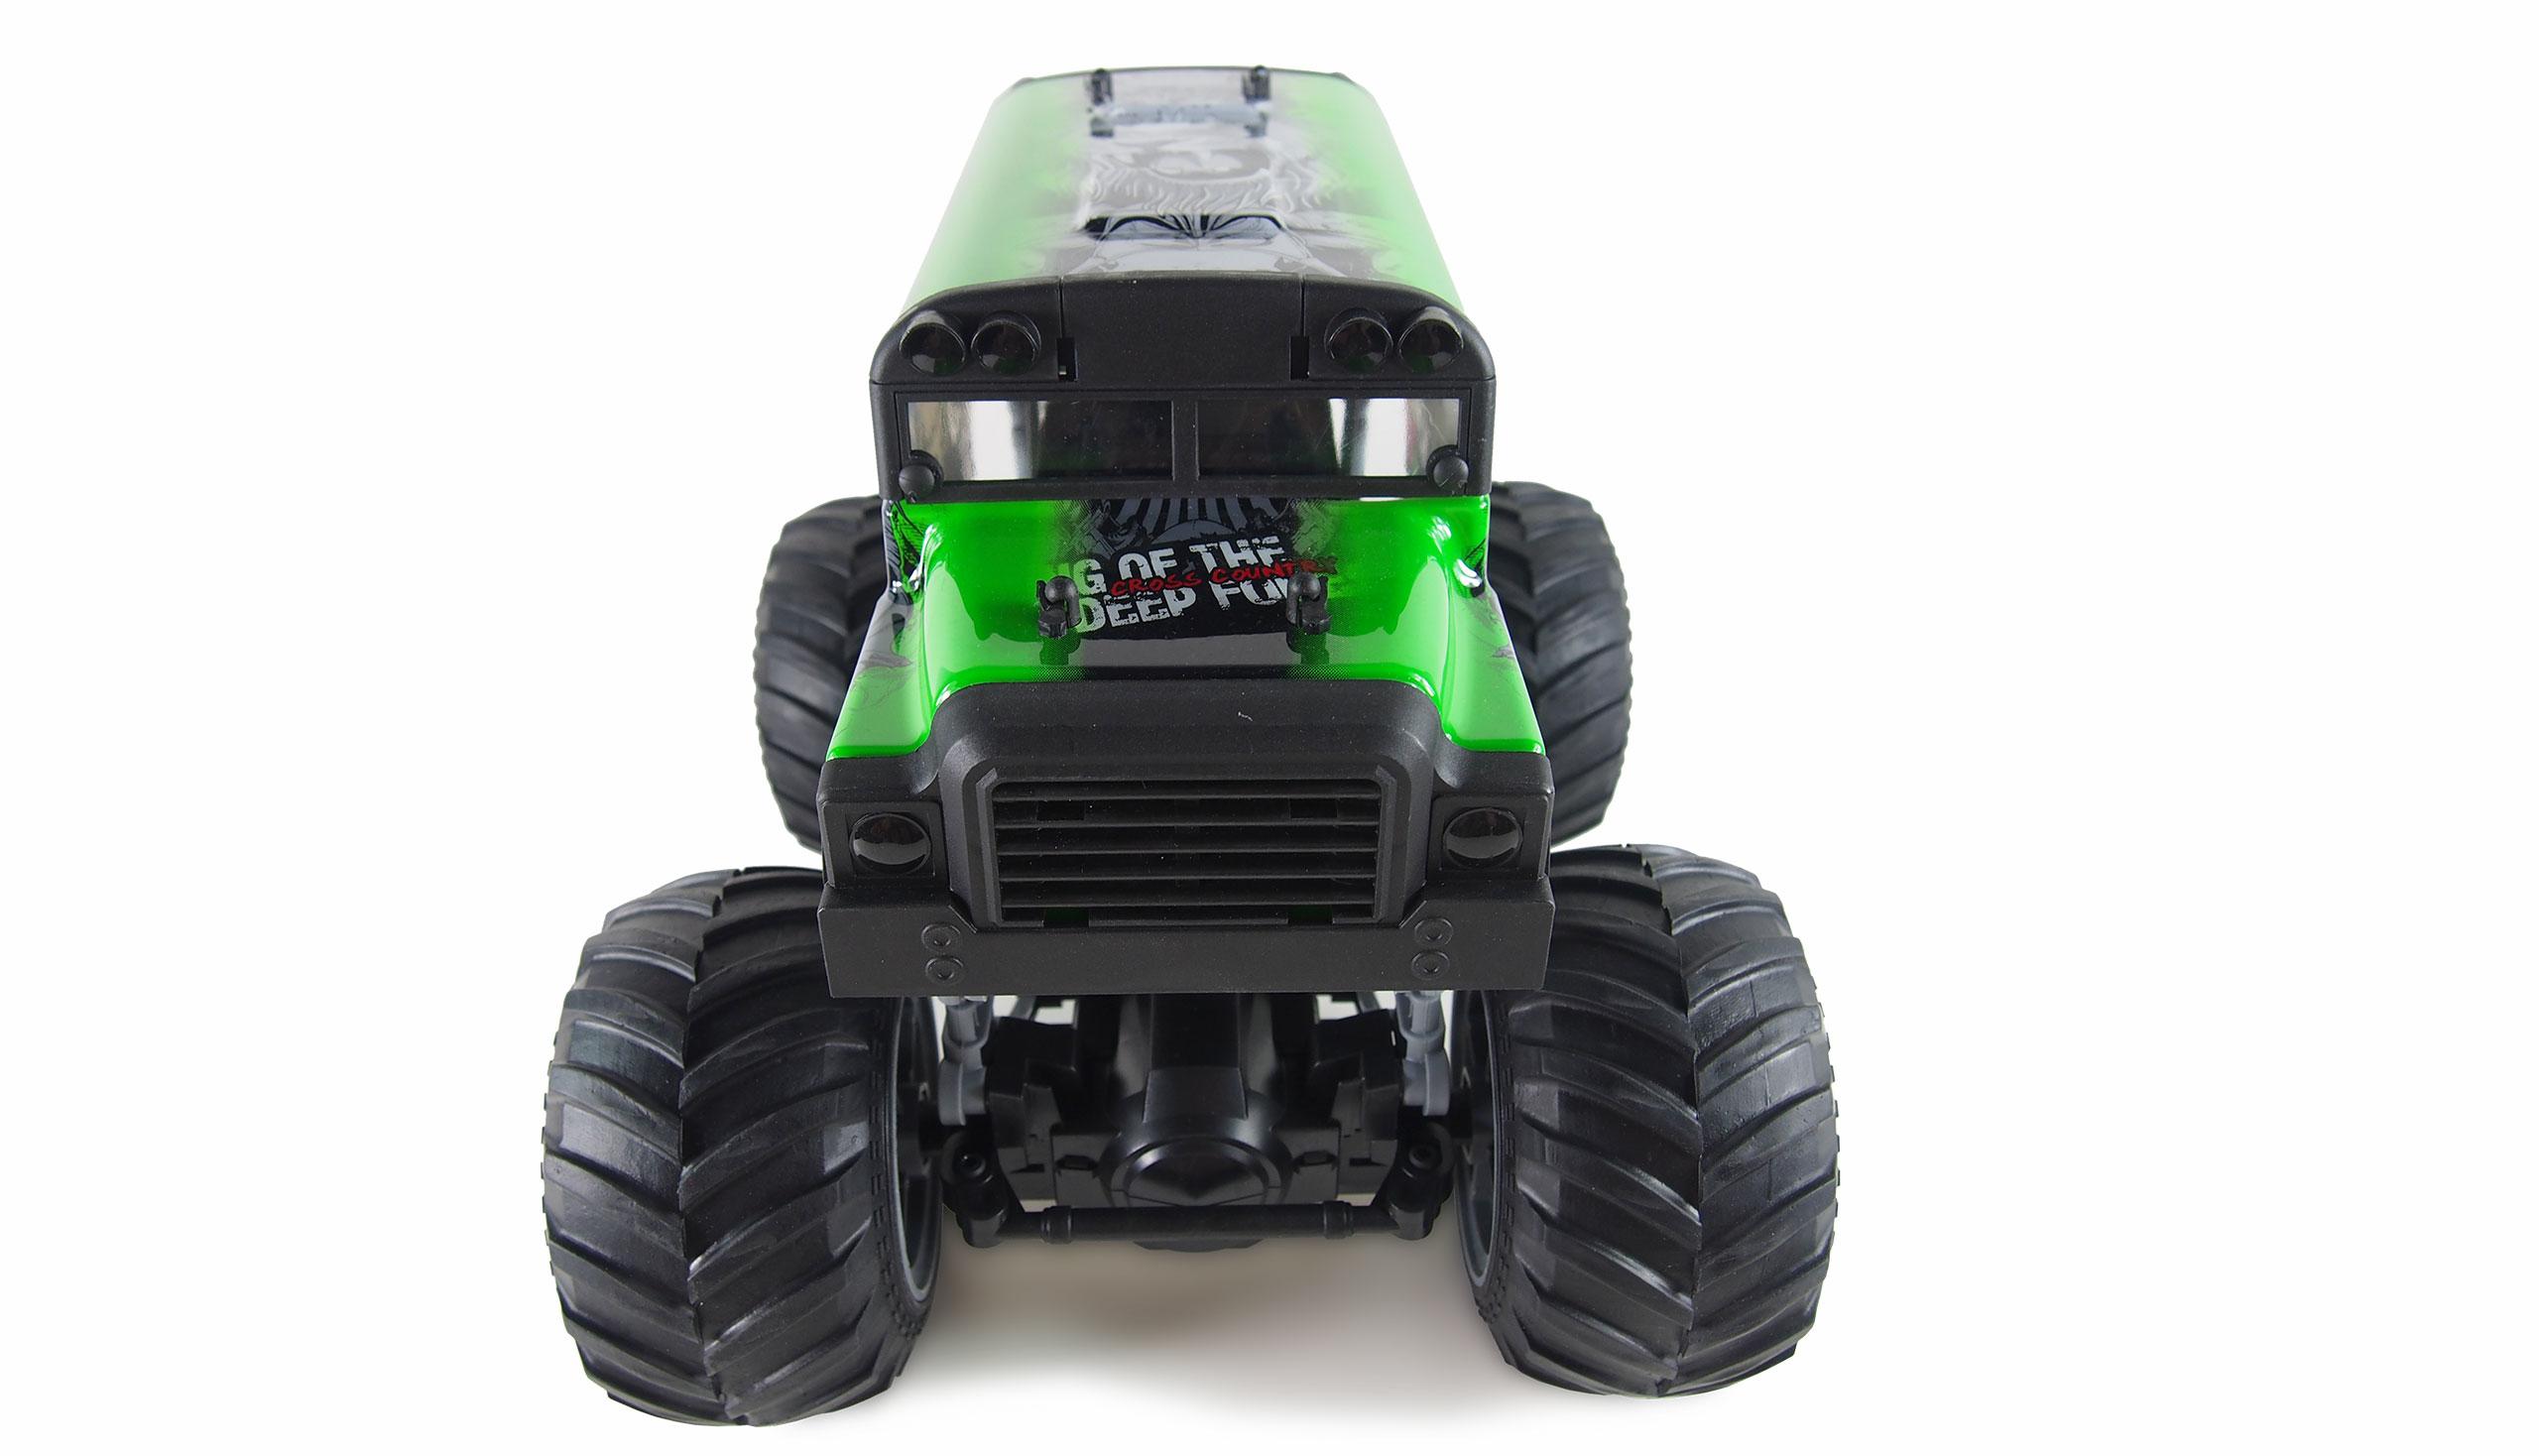 Amewi Crazy SchoolBus - Monstertruck - 1:16 - Junge - 6 Jahr(e) - 700 mAh - 1 kg